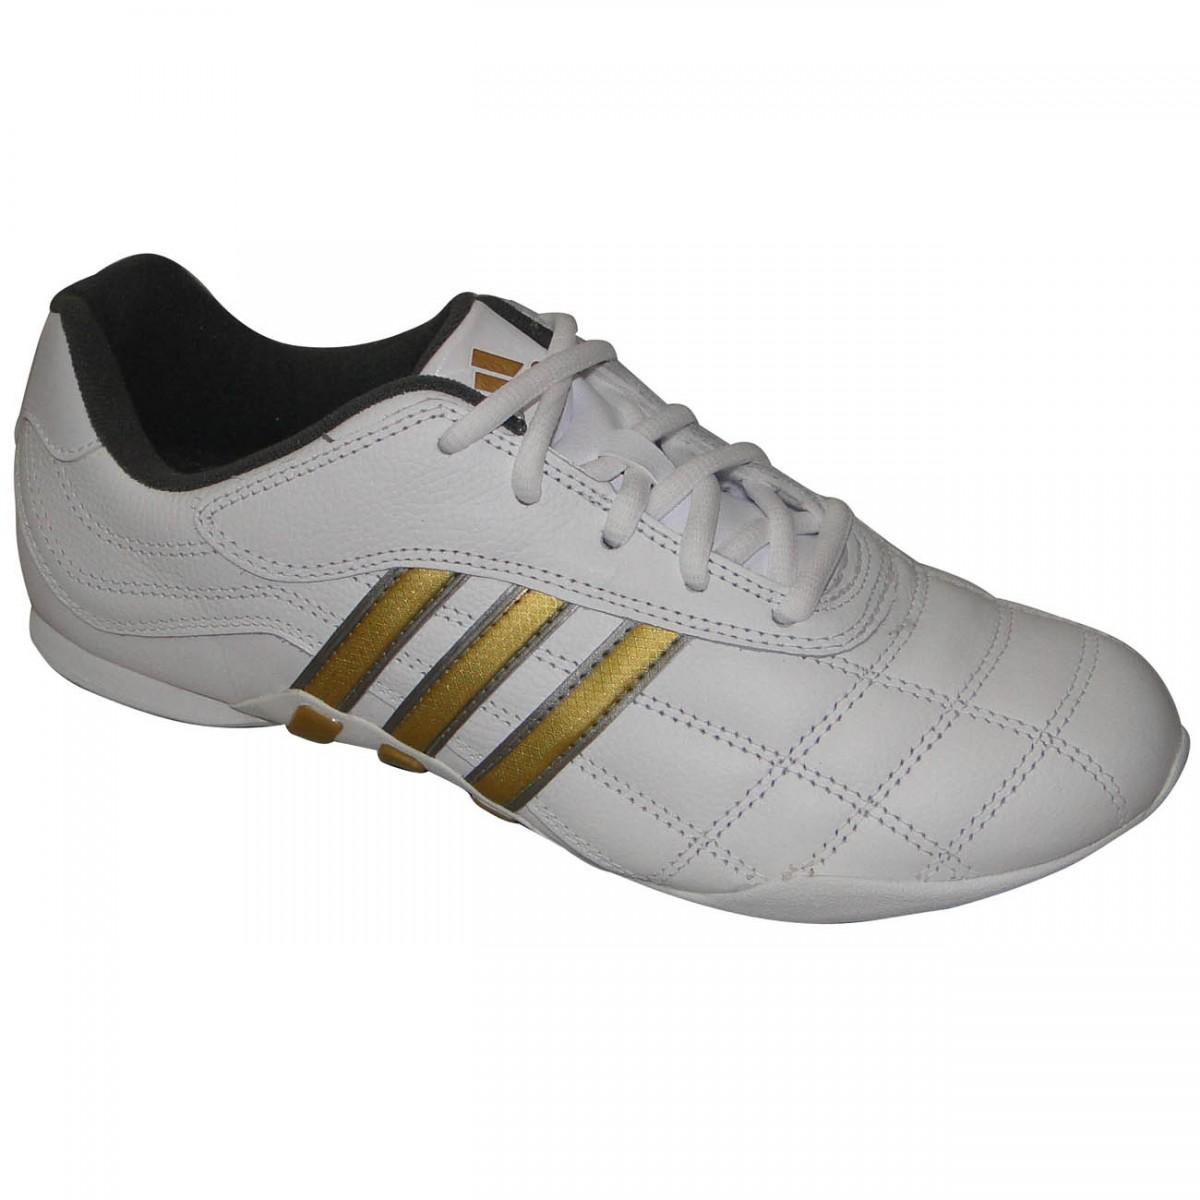 3a3bbc031 Tênis Adidas Kundo Ii G29203 - BRANCO/DOURADO - Chuteira Nike, Adidas.  Sandalias Femininas. Sandy Calçados